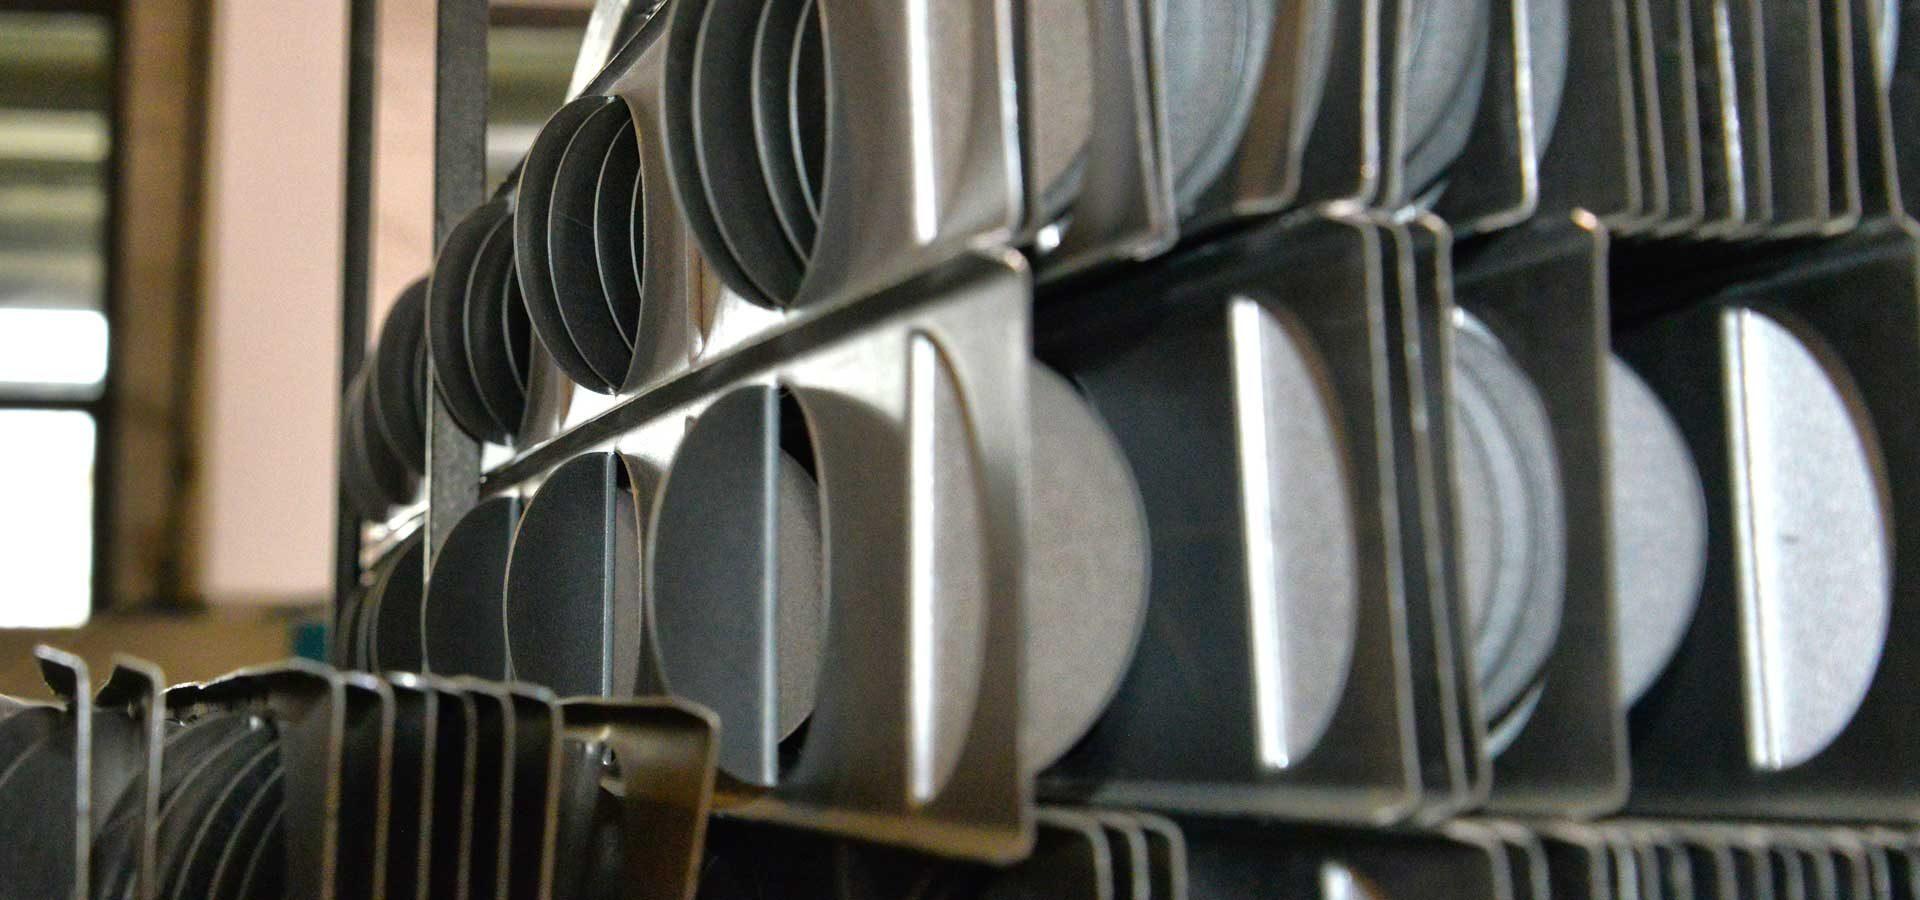 Azienda nuova pellizzoni ladri portano via 400 kg di for Prezzo acciaio inox al kg